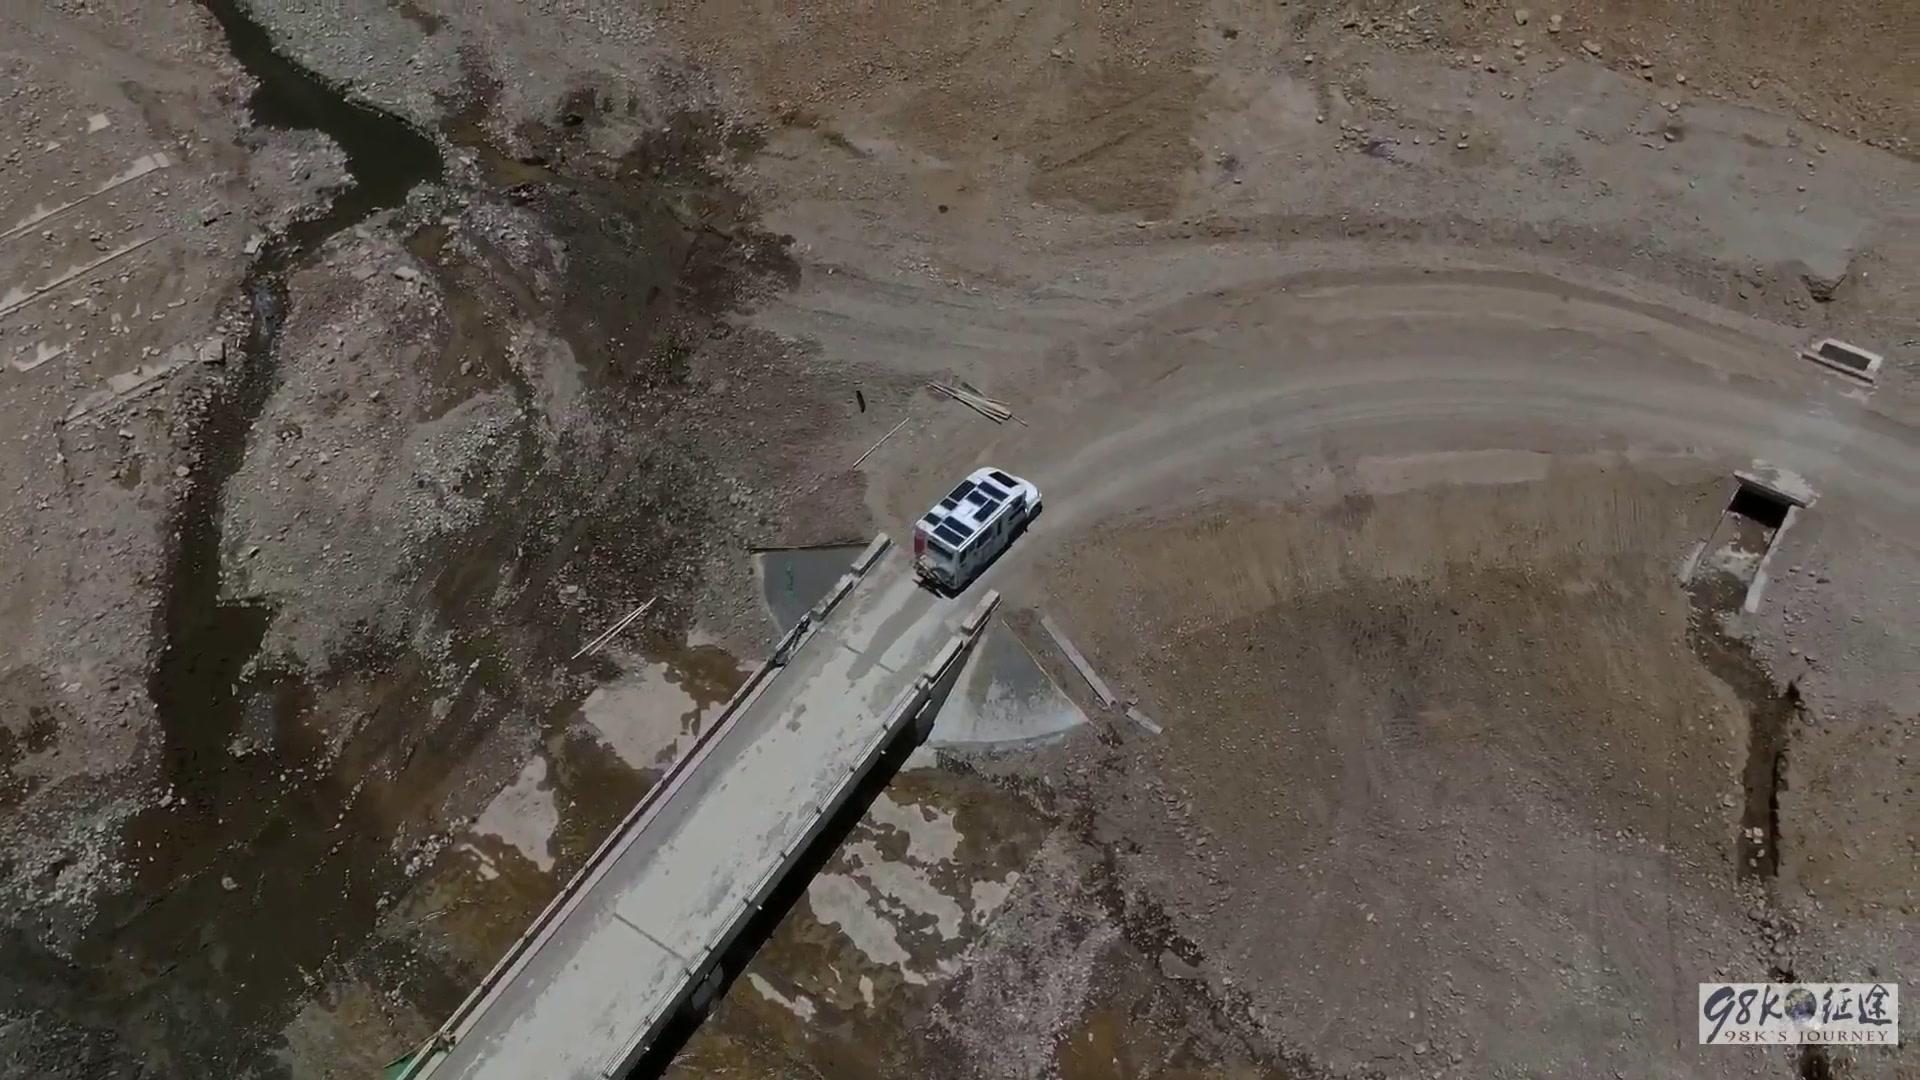 房车自驾游西藏,误入荒野,没信号导航失灵,找到电线杆子开出来